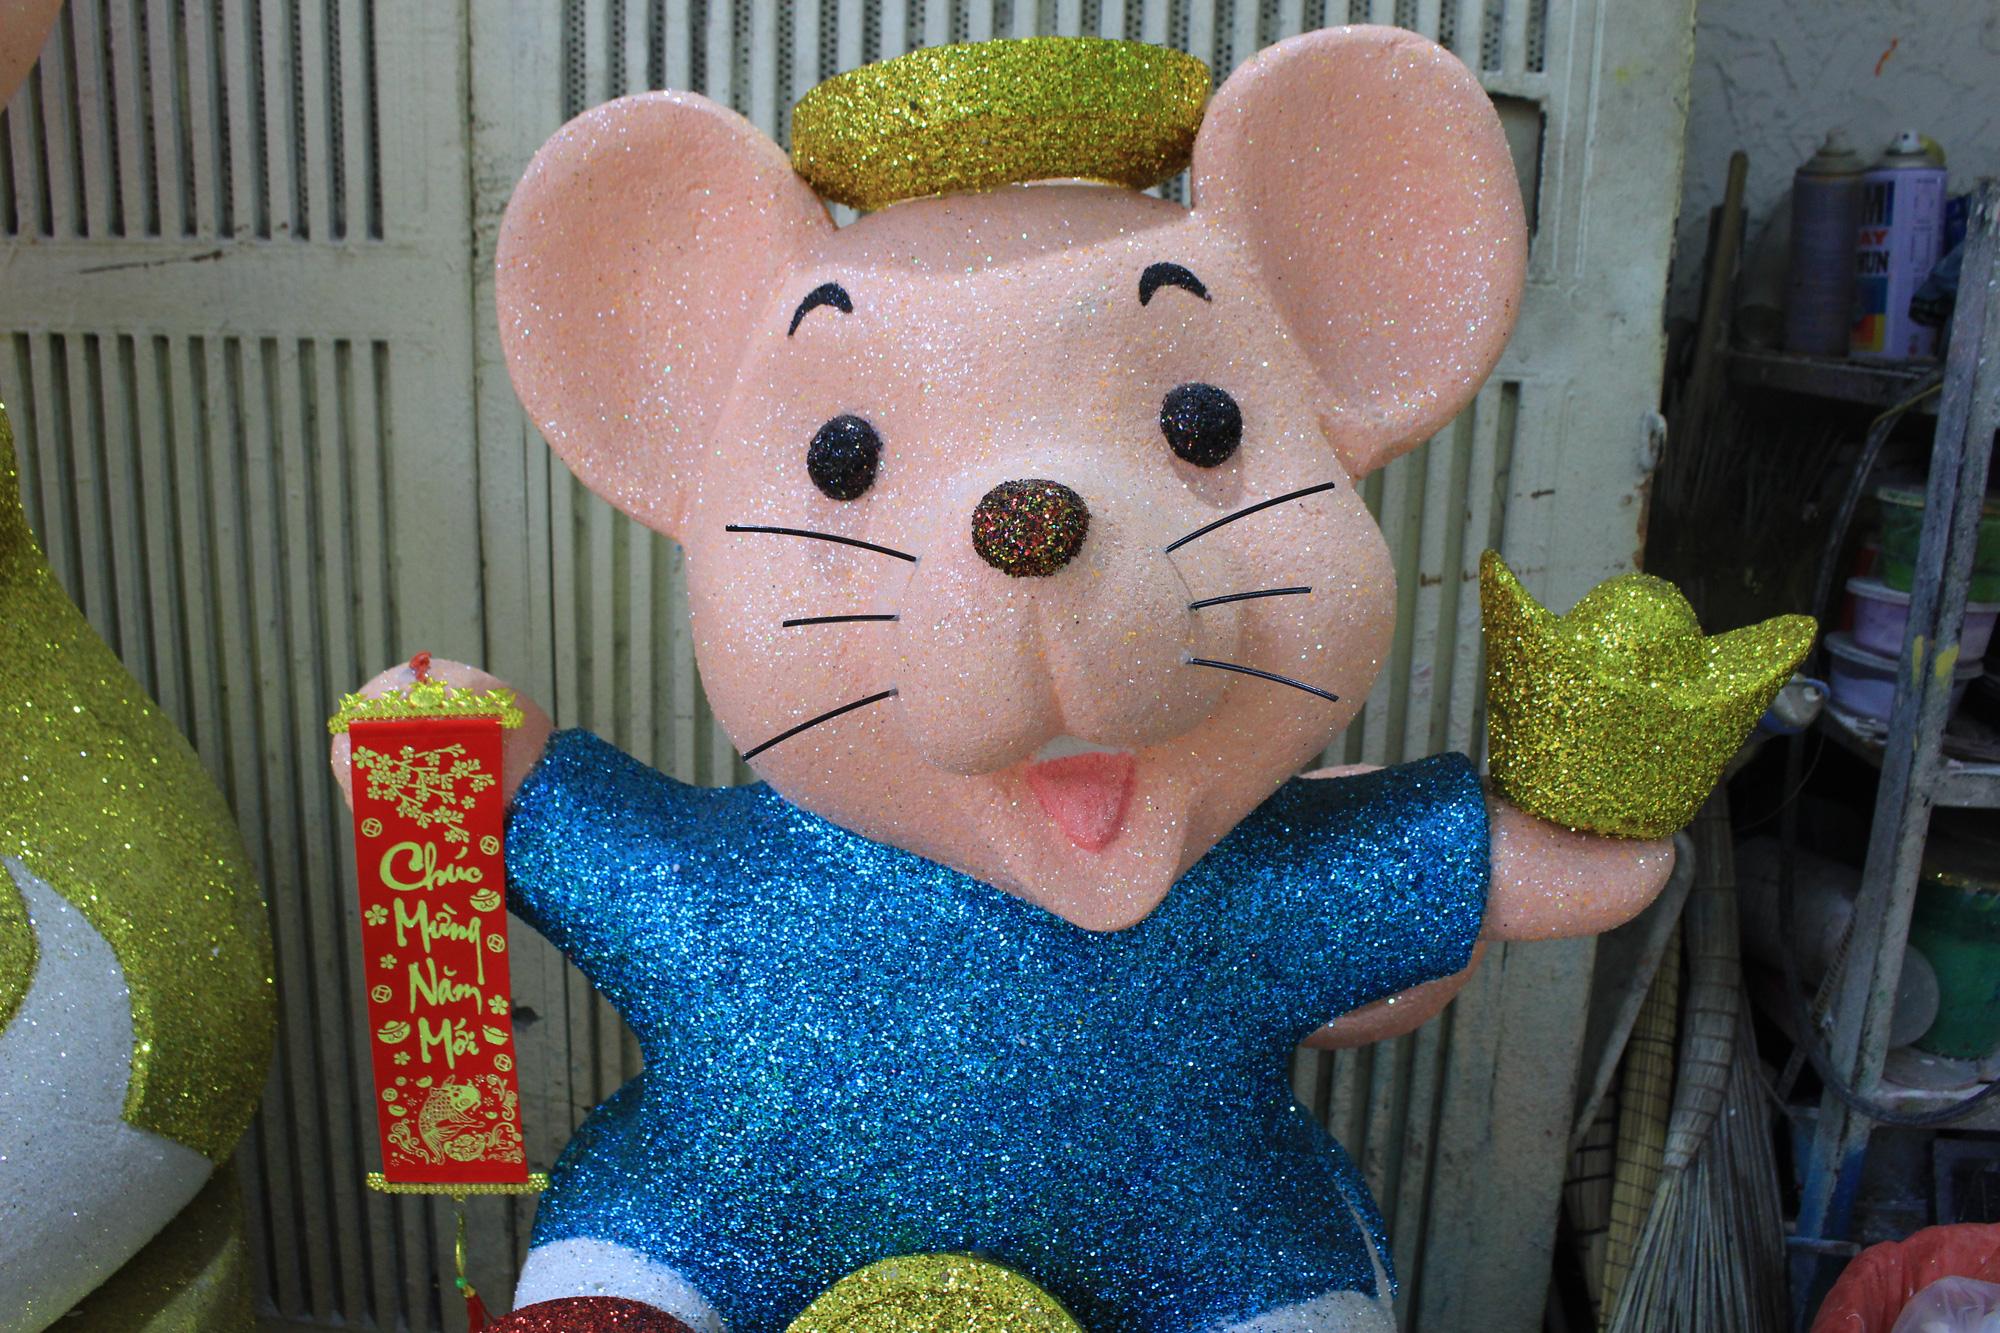 Chuột khổng lồ Tết Canh Tí chục triệu đồng ở Sài Gòn - Ảnh 6.